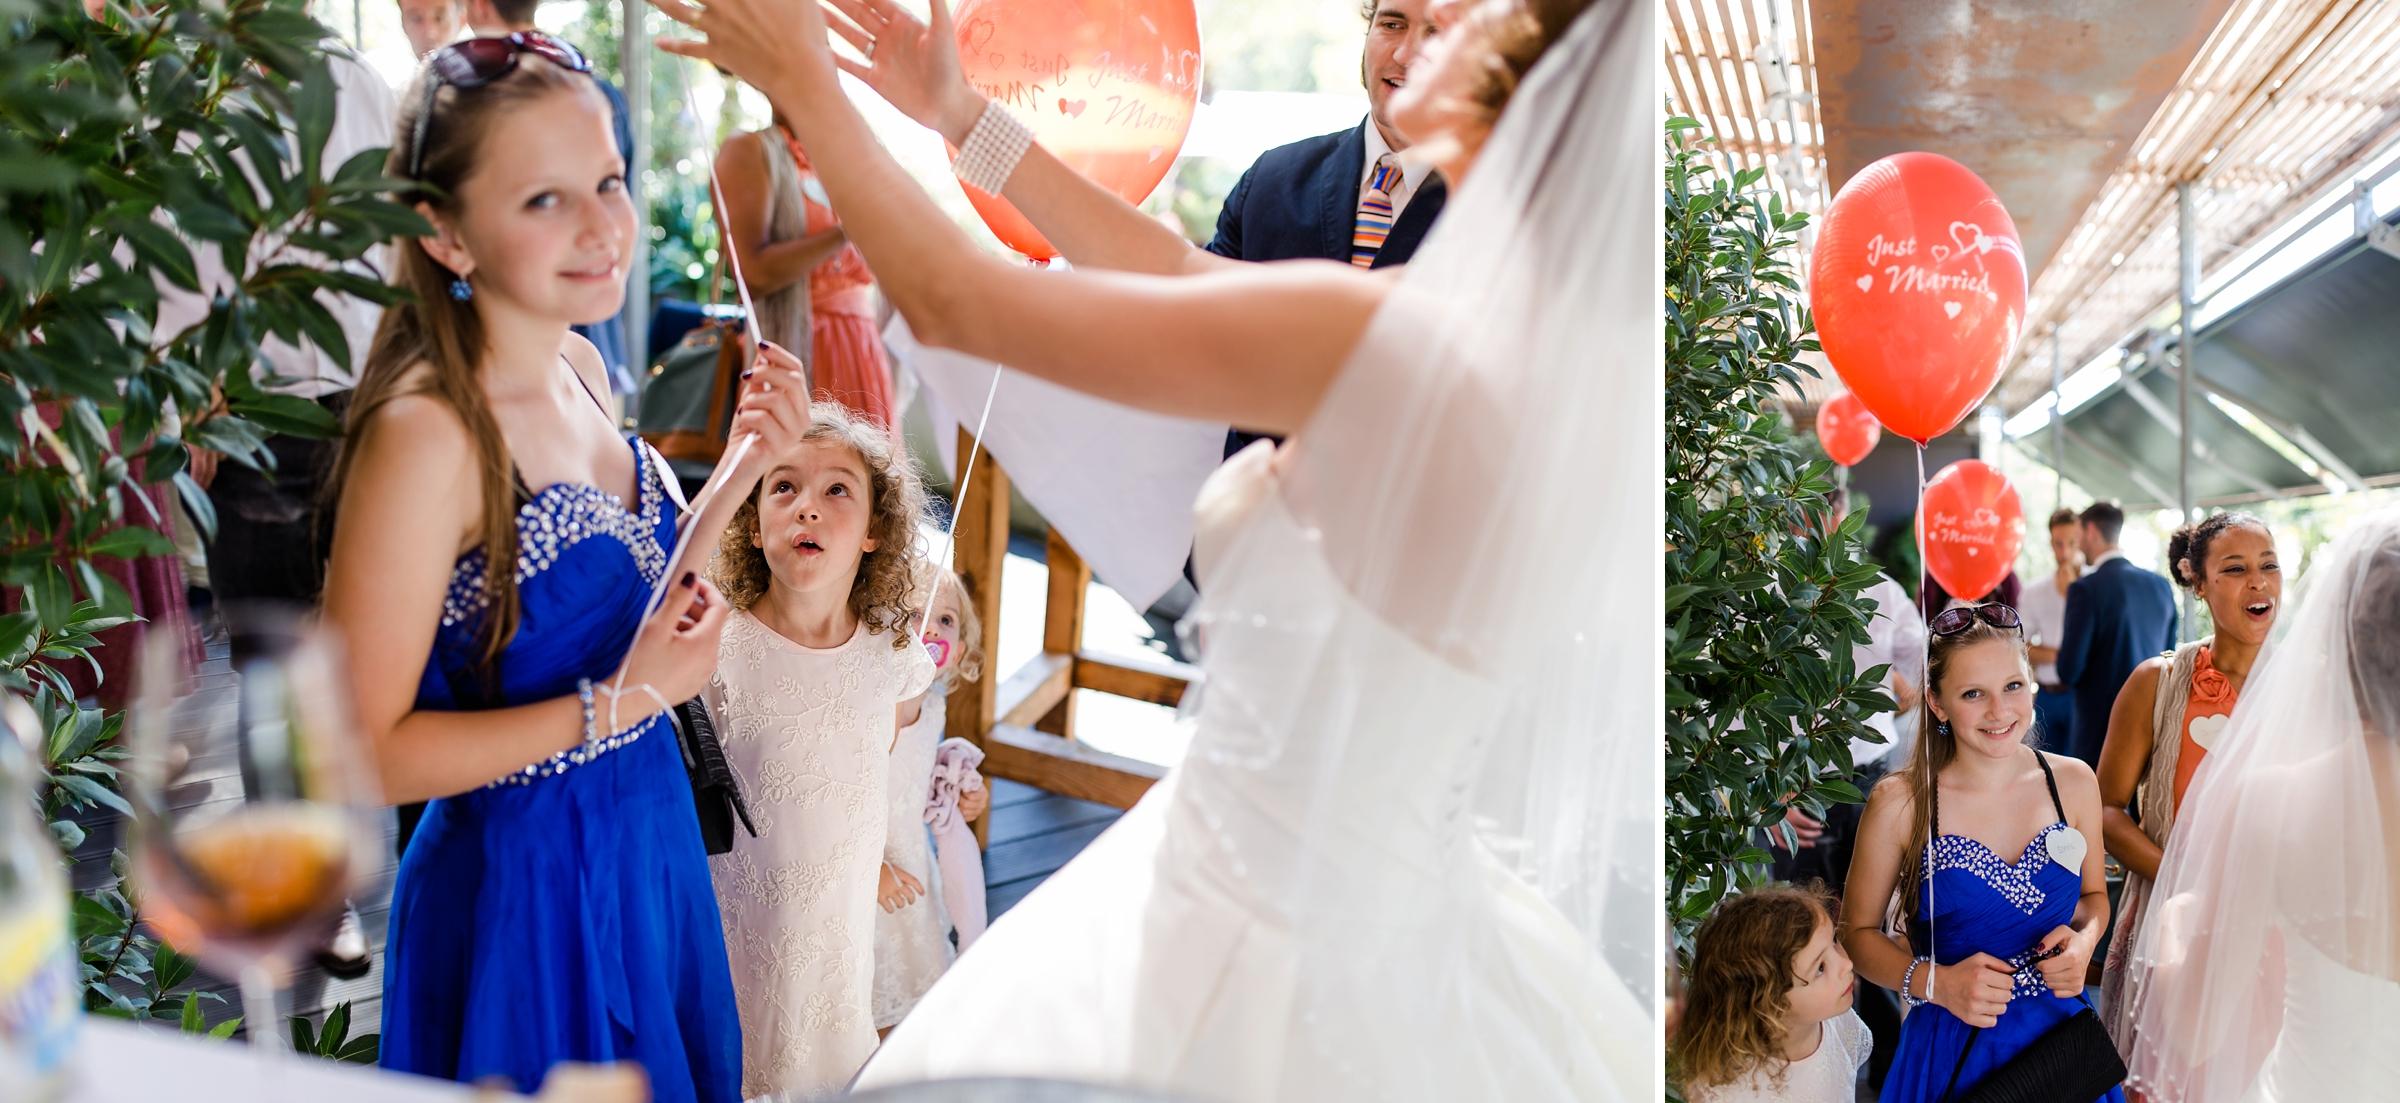 Hochzeitsreportage-Zuerich-Hochzeitsluftballons-Giardino-Verde-Uitikon